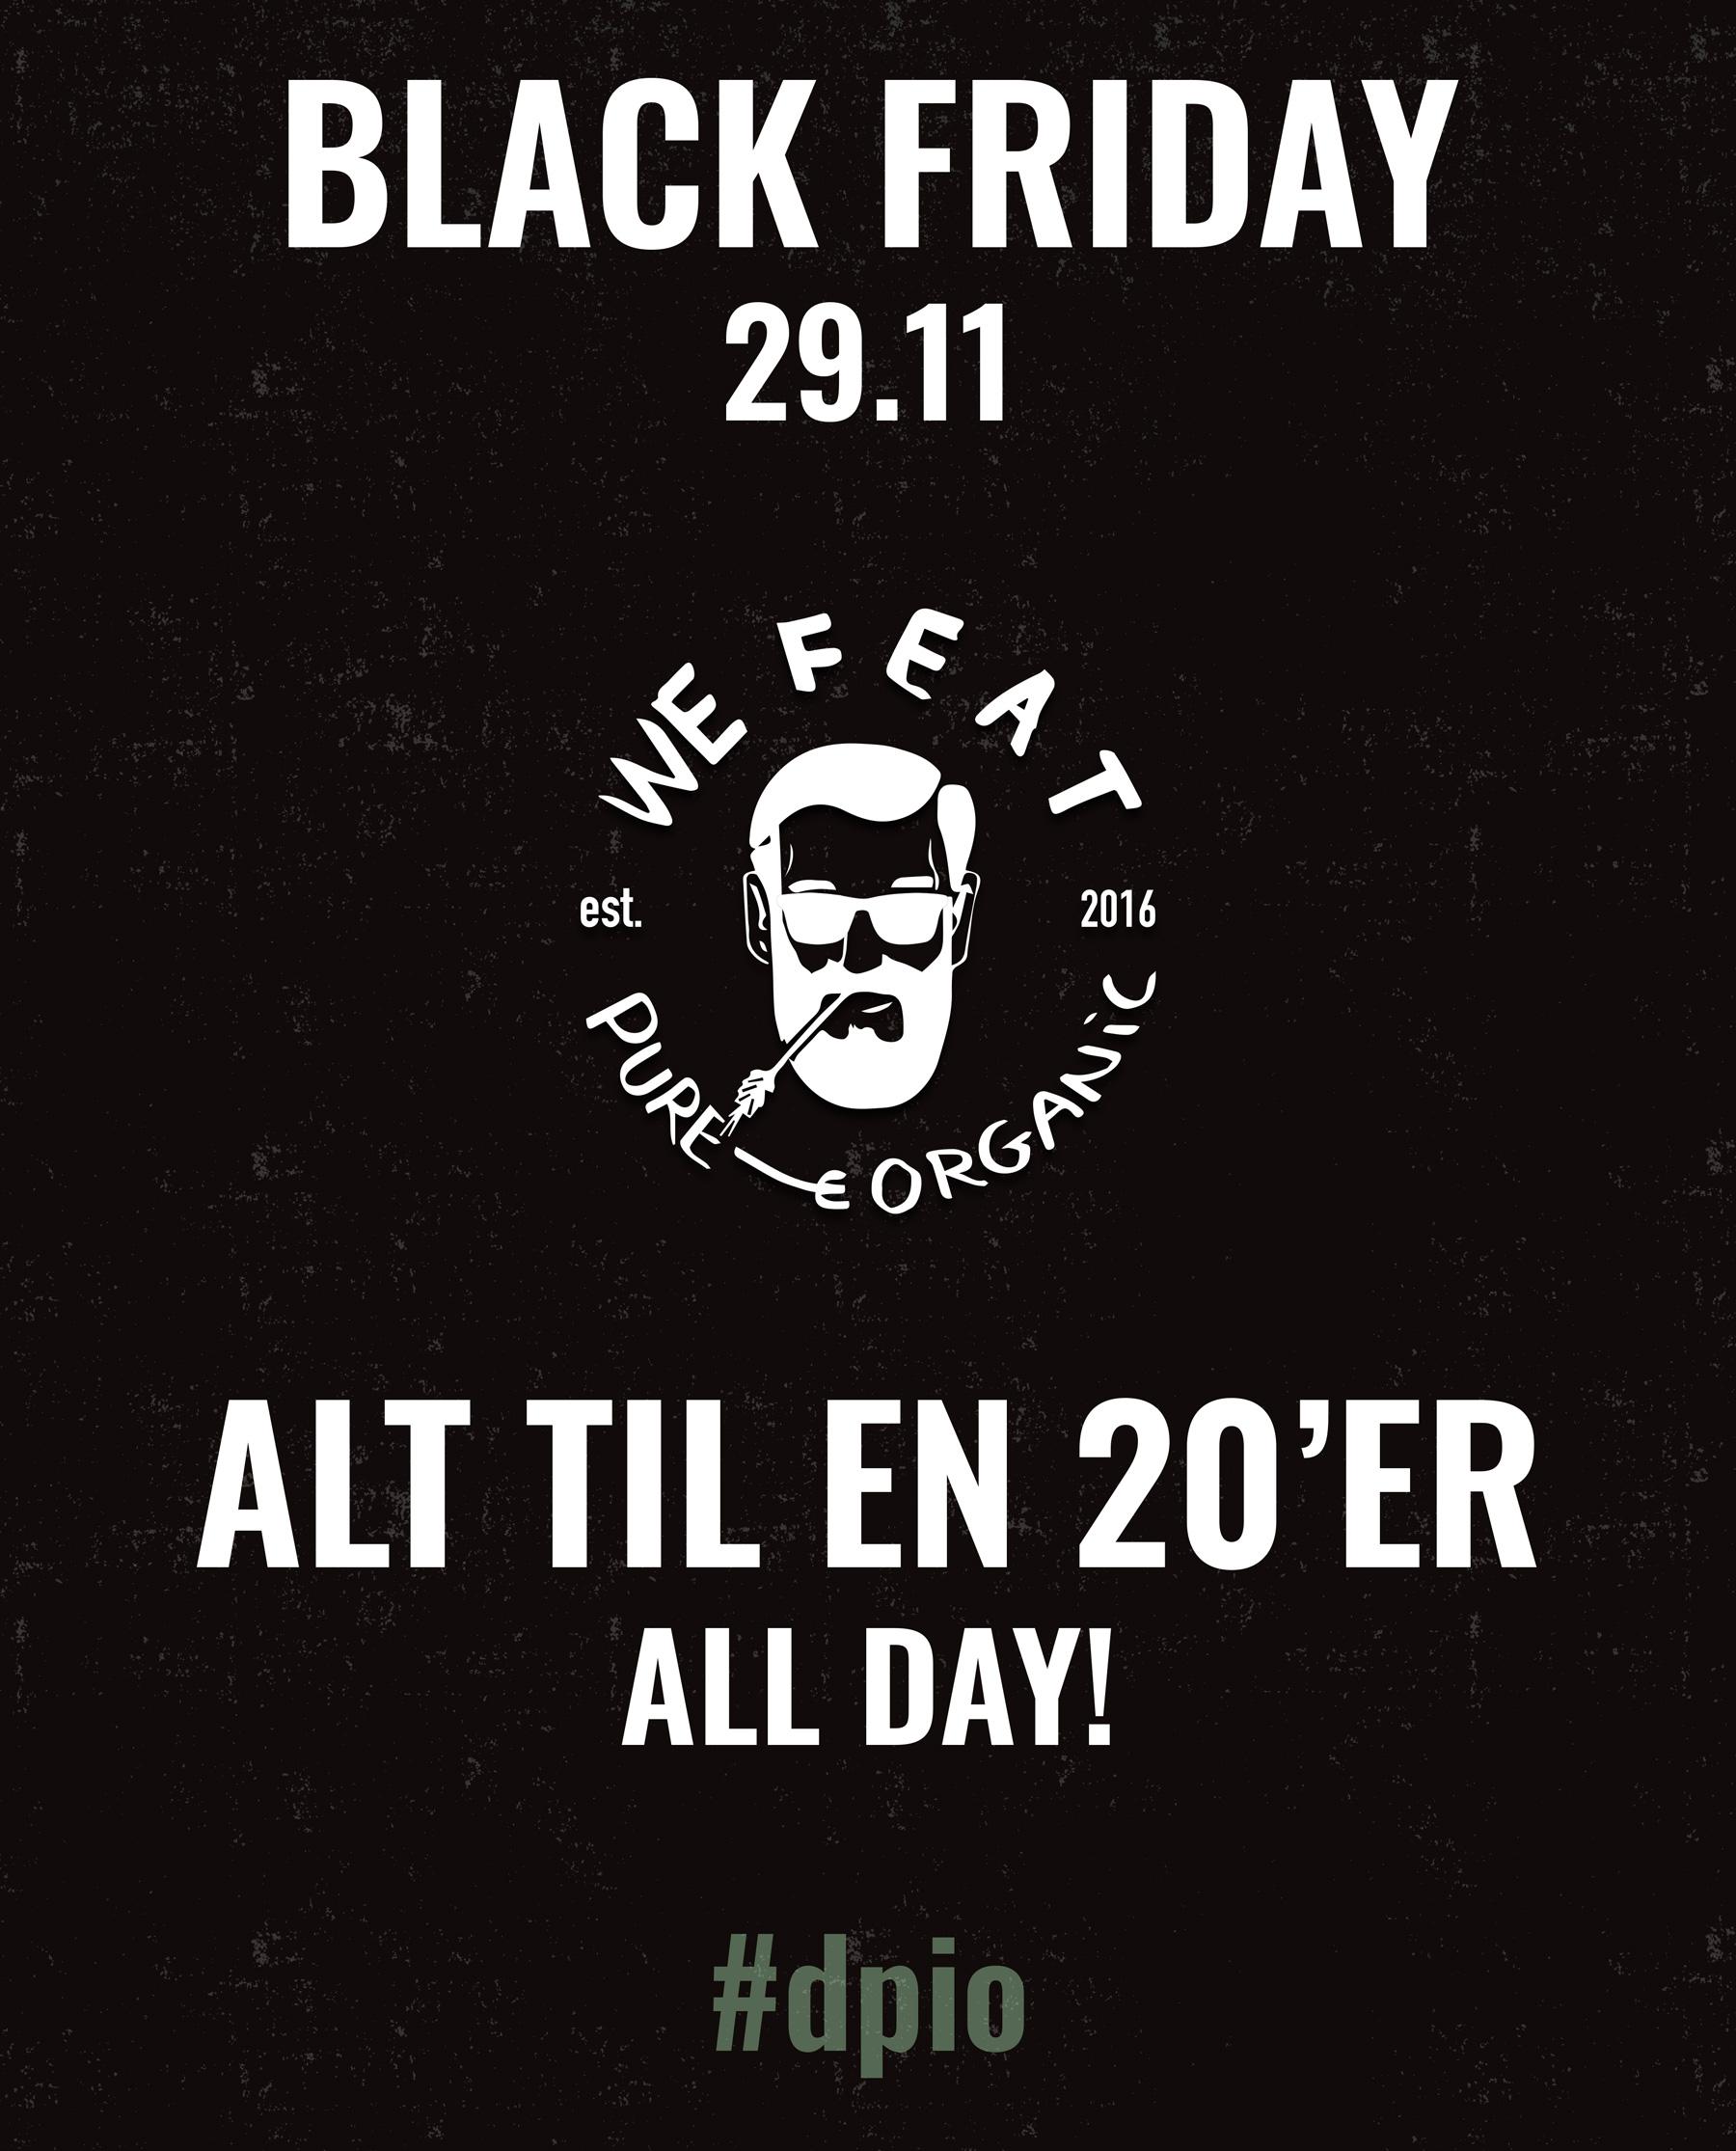 We Feat går i sort på fredag: Alt koster 20 kroner